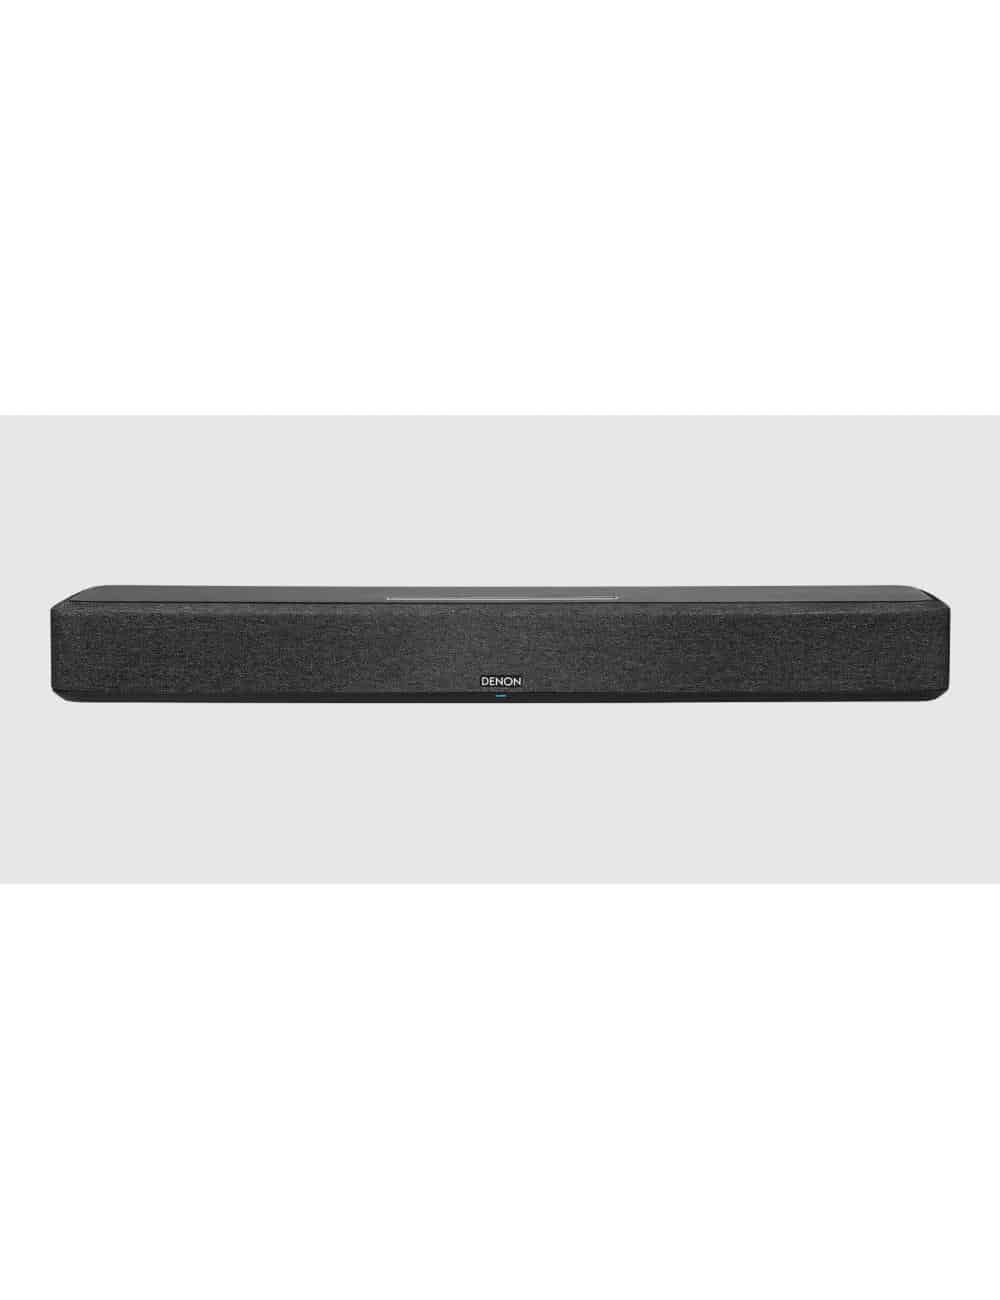 soundbar wireless super compatta, Denon Home Sound Bar 550, Dolby ATMOS e DTS: X, Heos, Bluetooth, vista anteriore